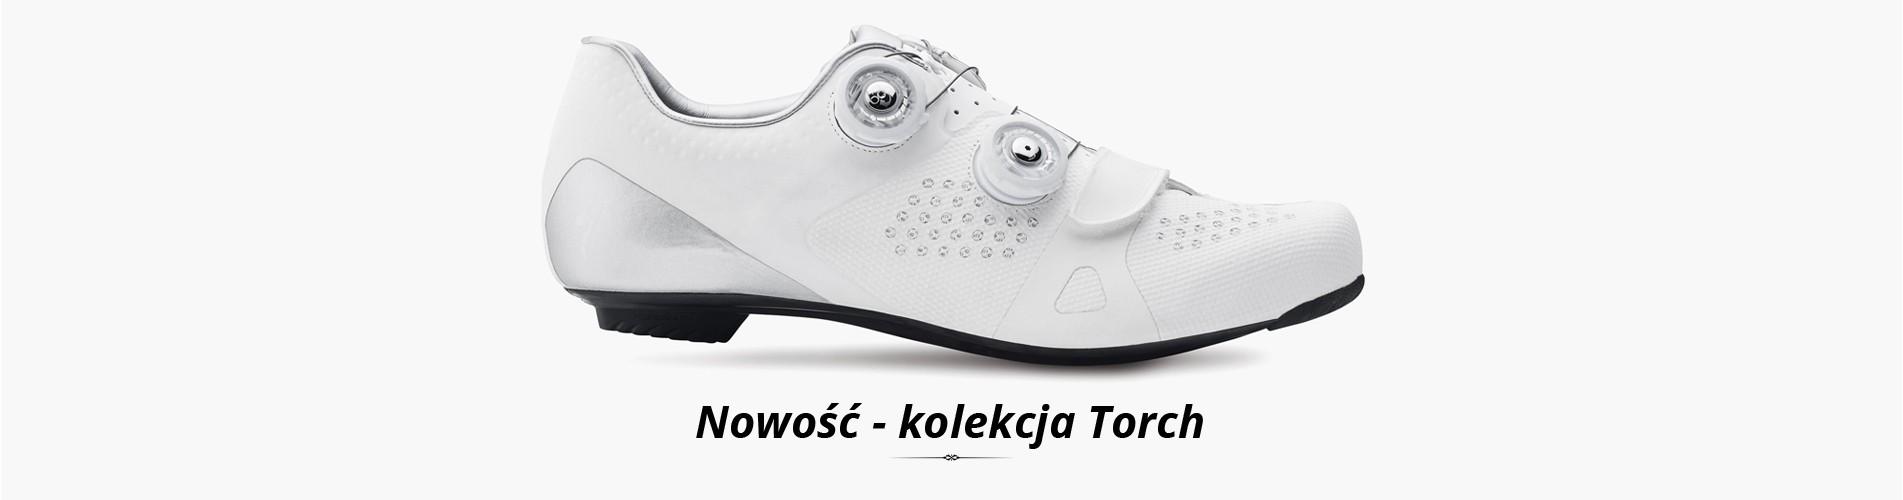 Buty Specialized - nowość kolekcja Torch